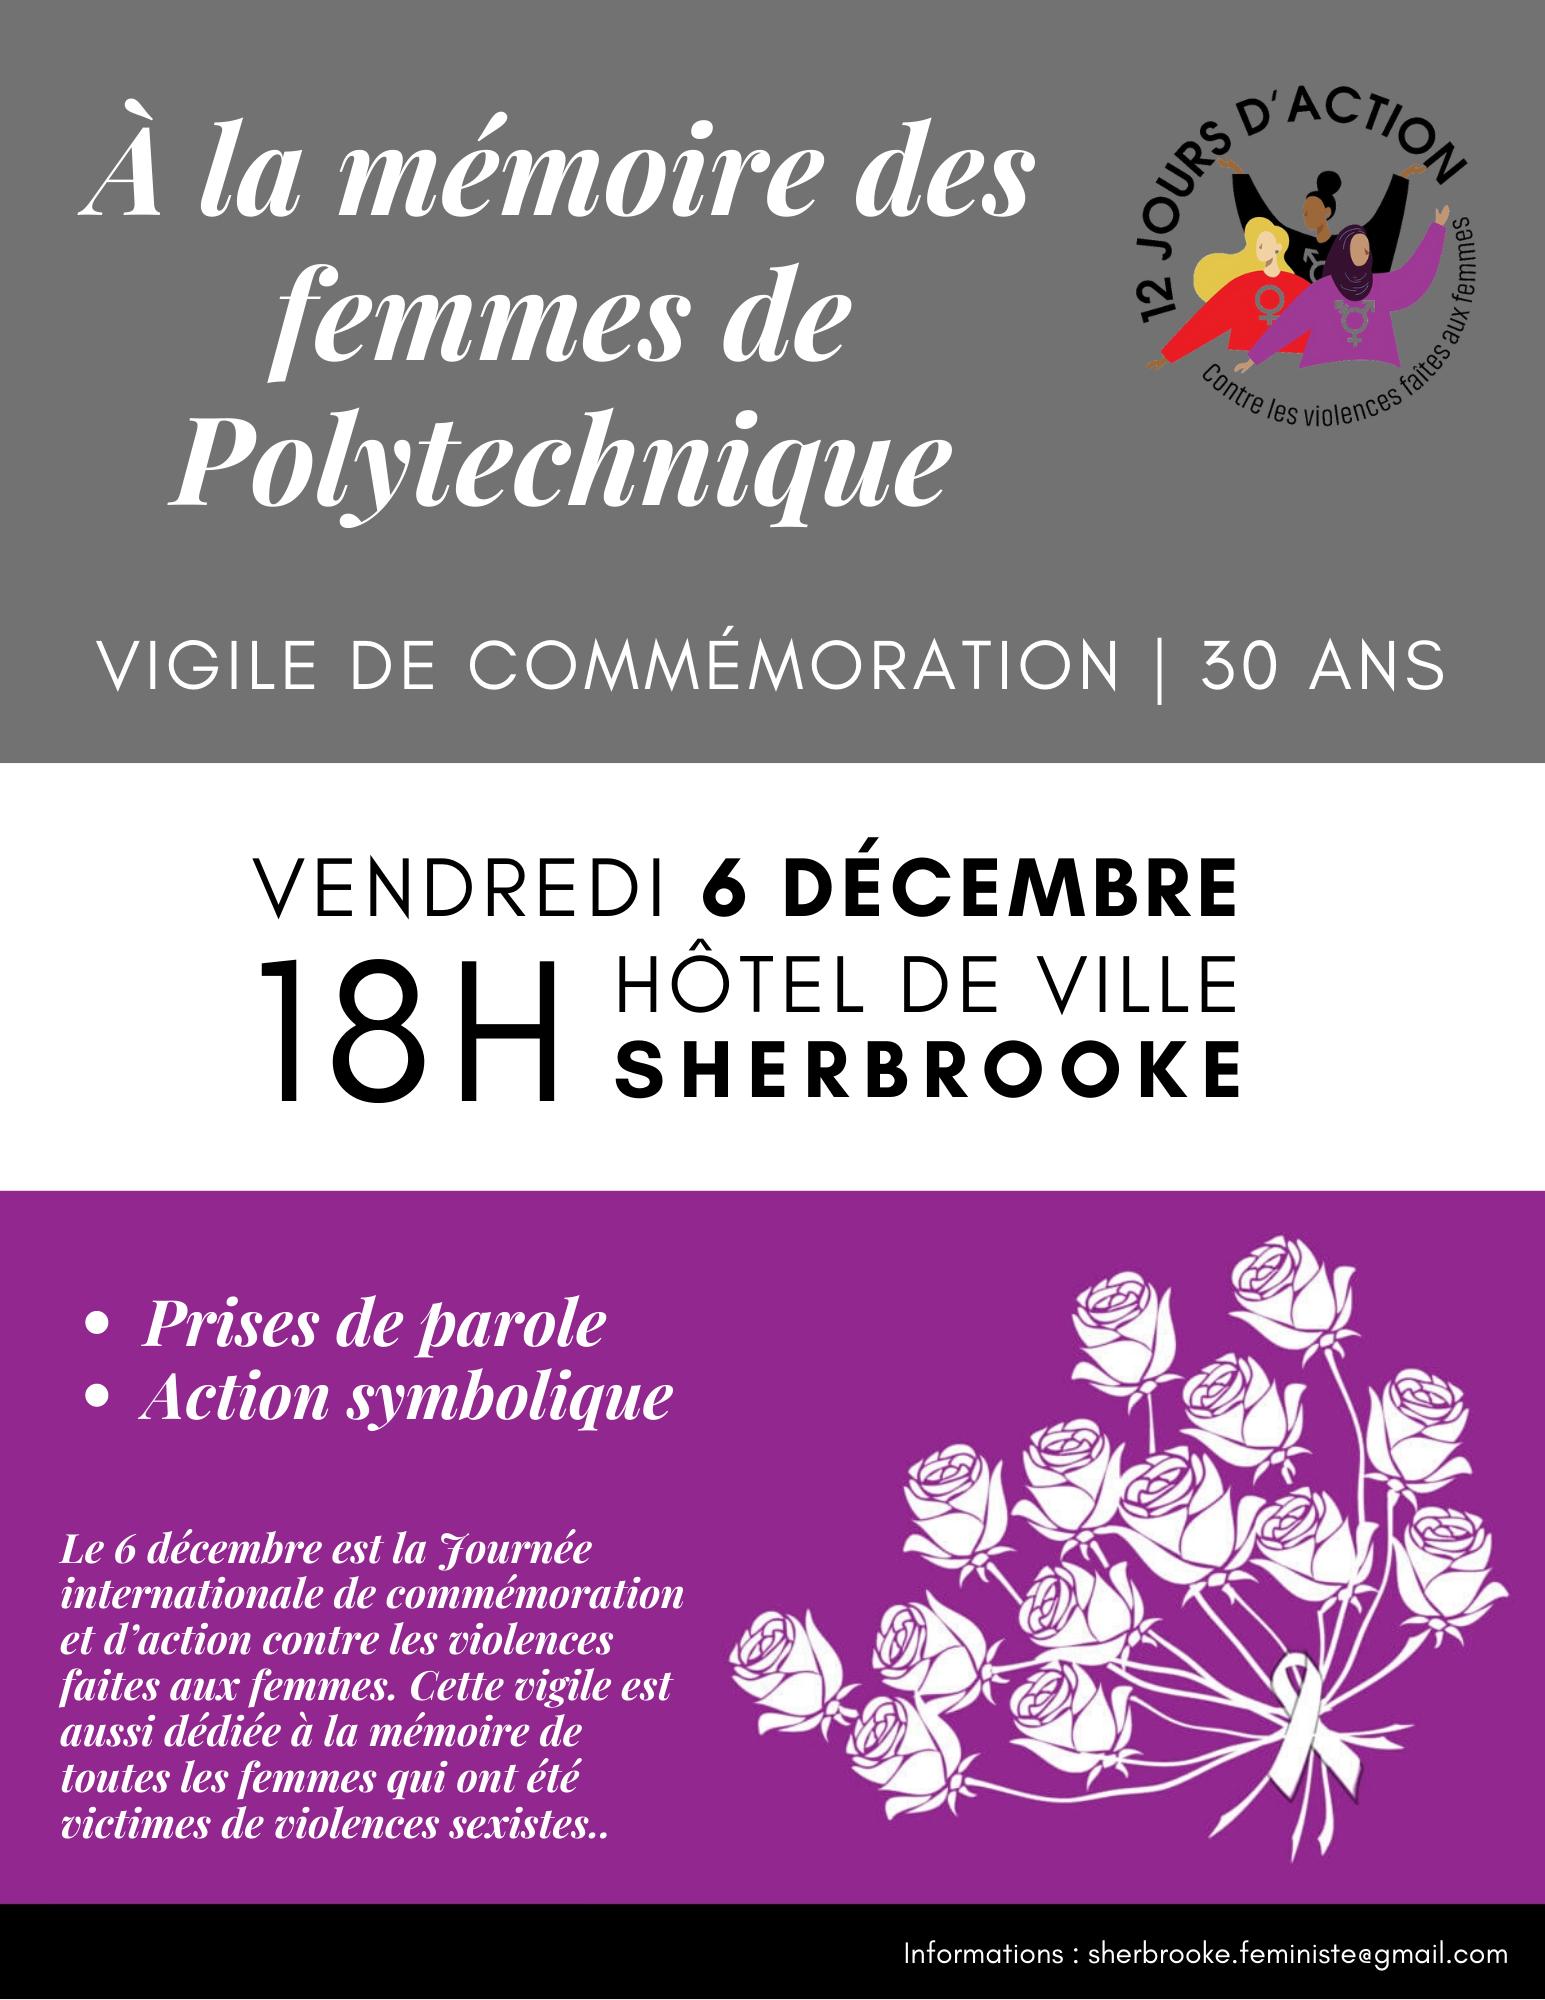 À la mémoire des femmes de Polytechnique - Commémoration 30 ans